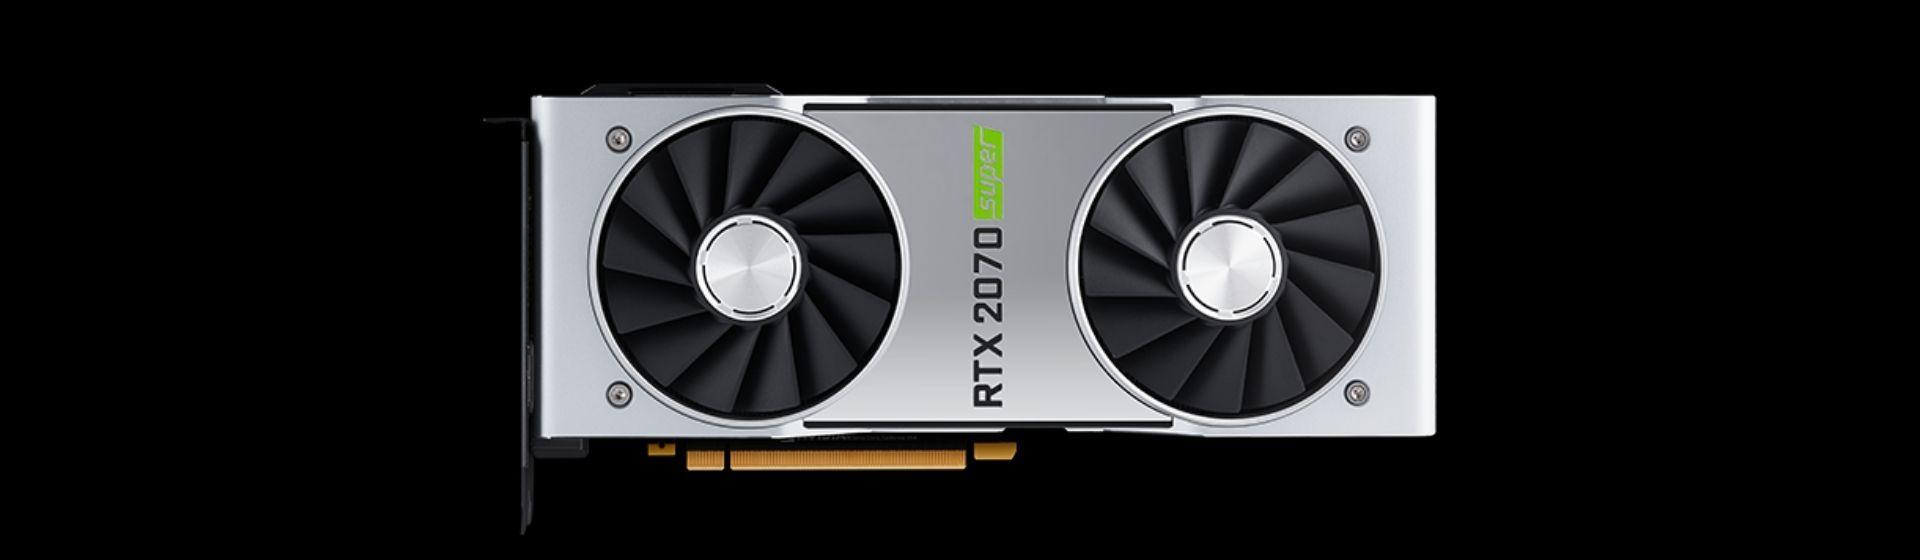 Placa de vídeo RTX 2070 Super cinza em fundo preto